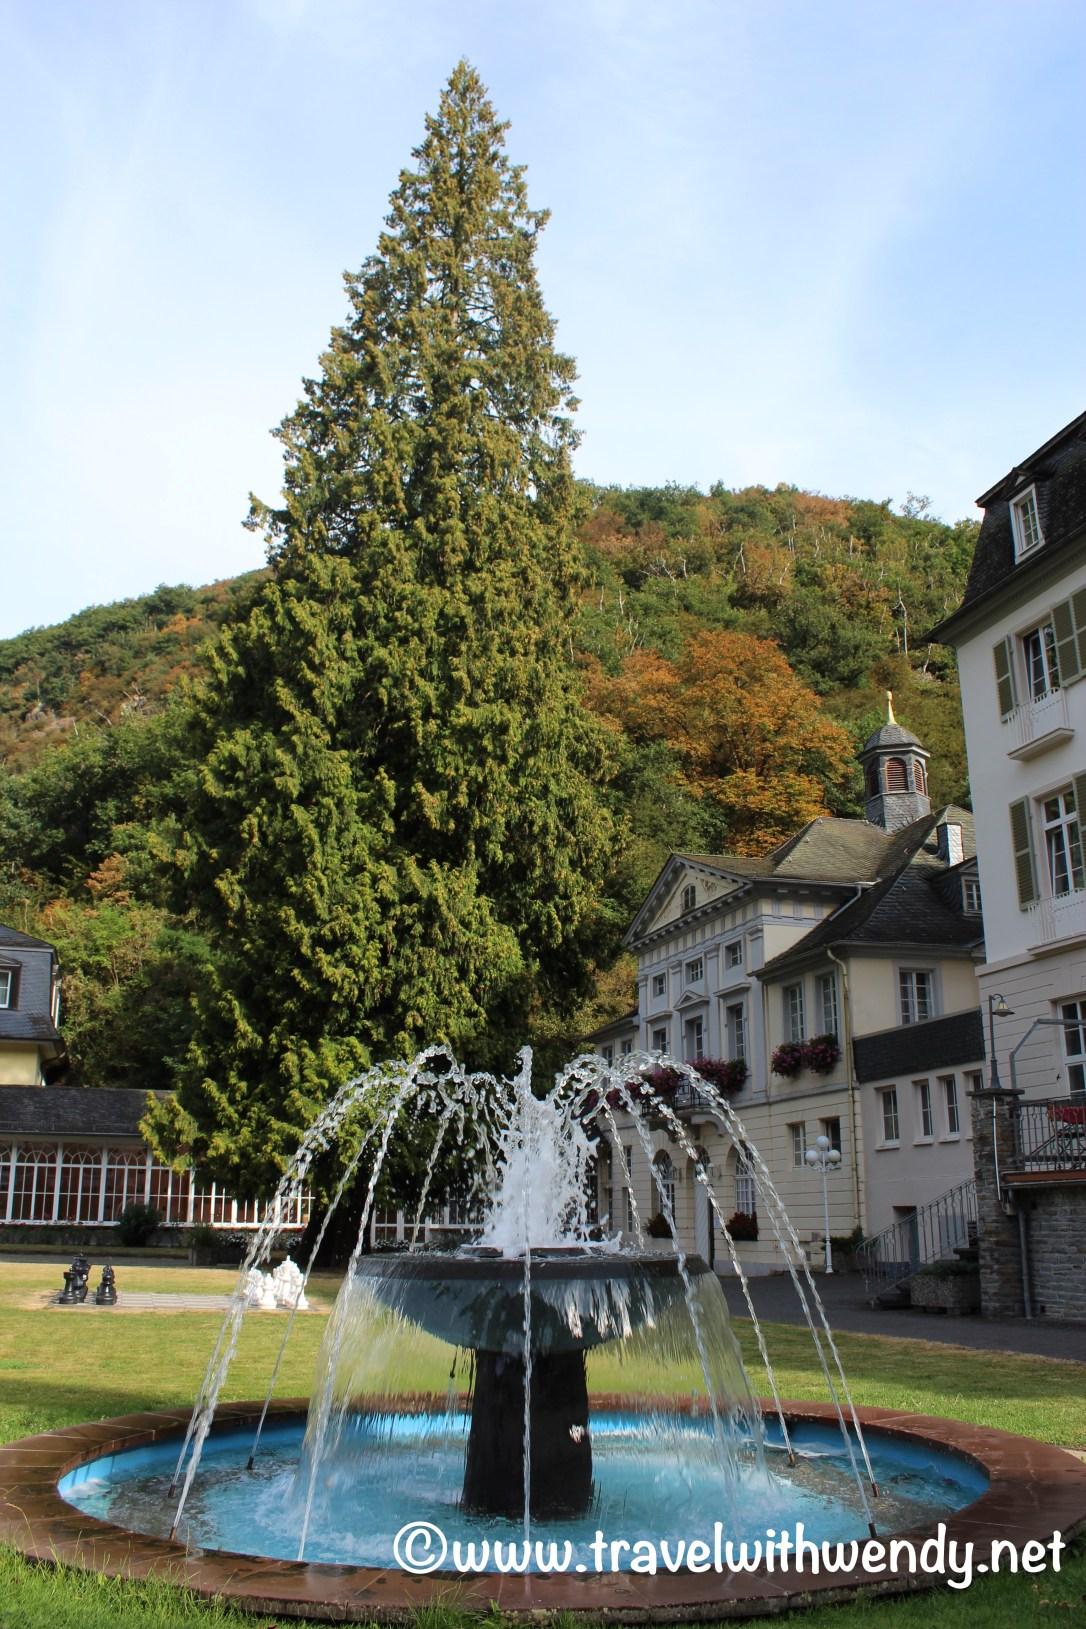 tww-bad-bertrich-fountain